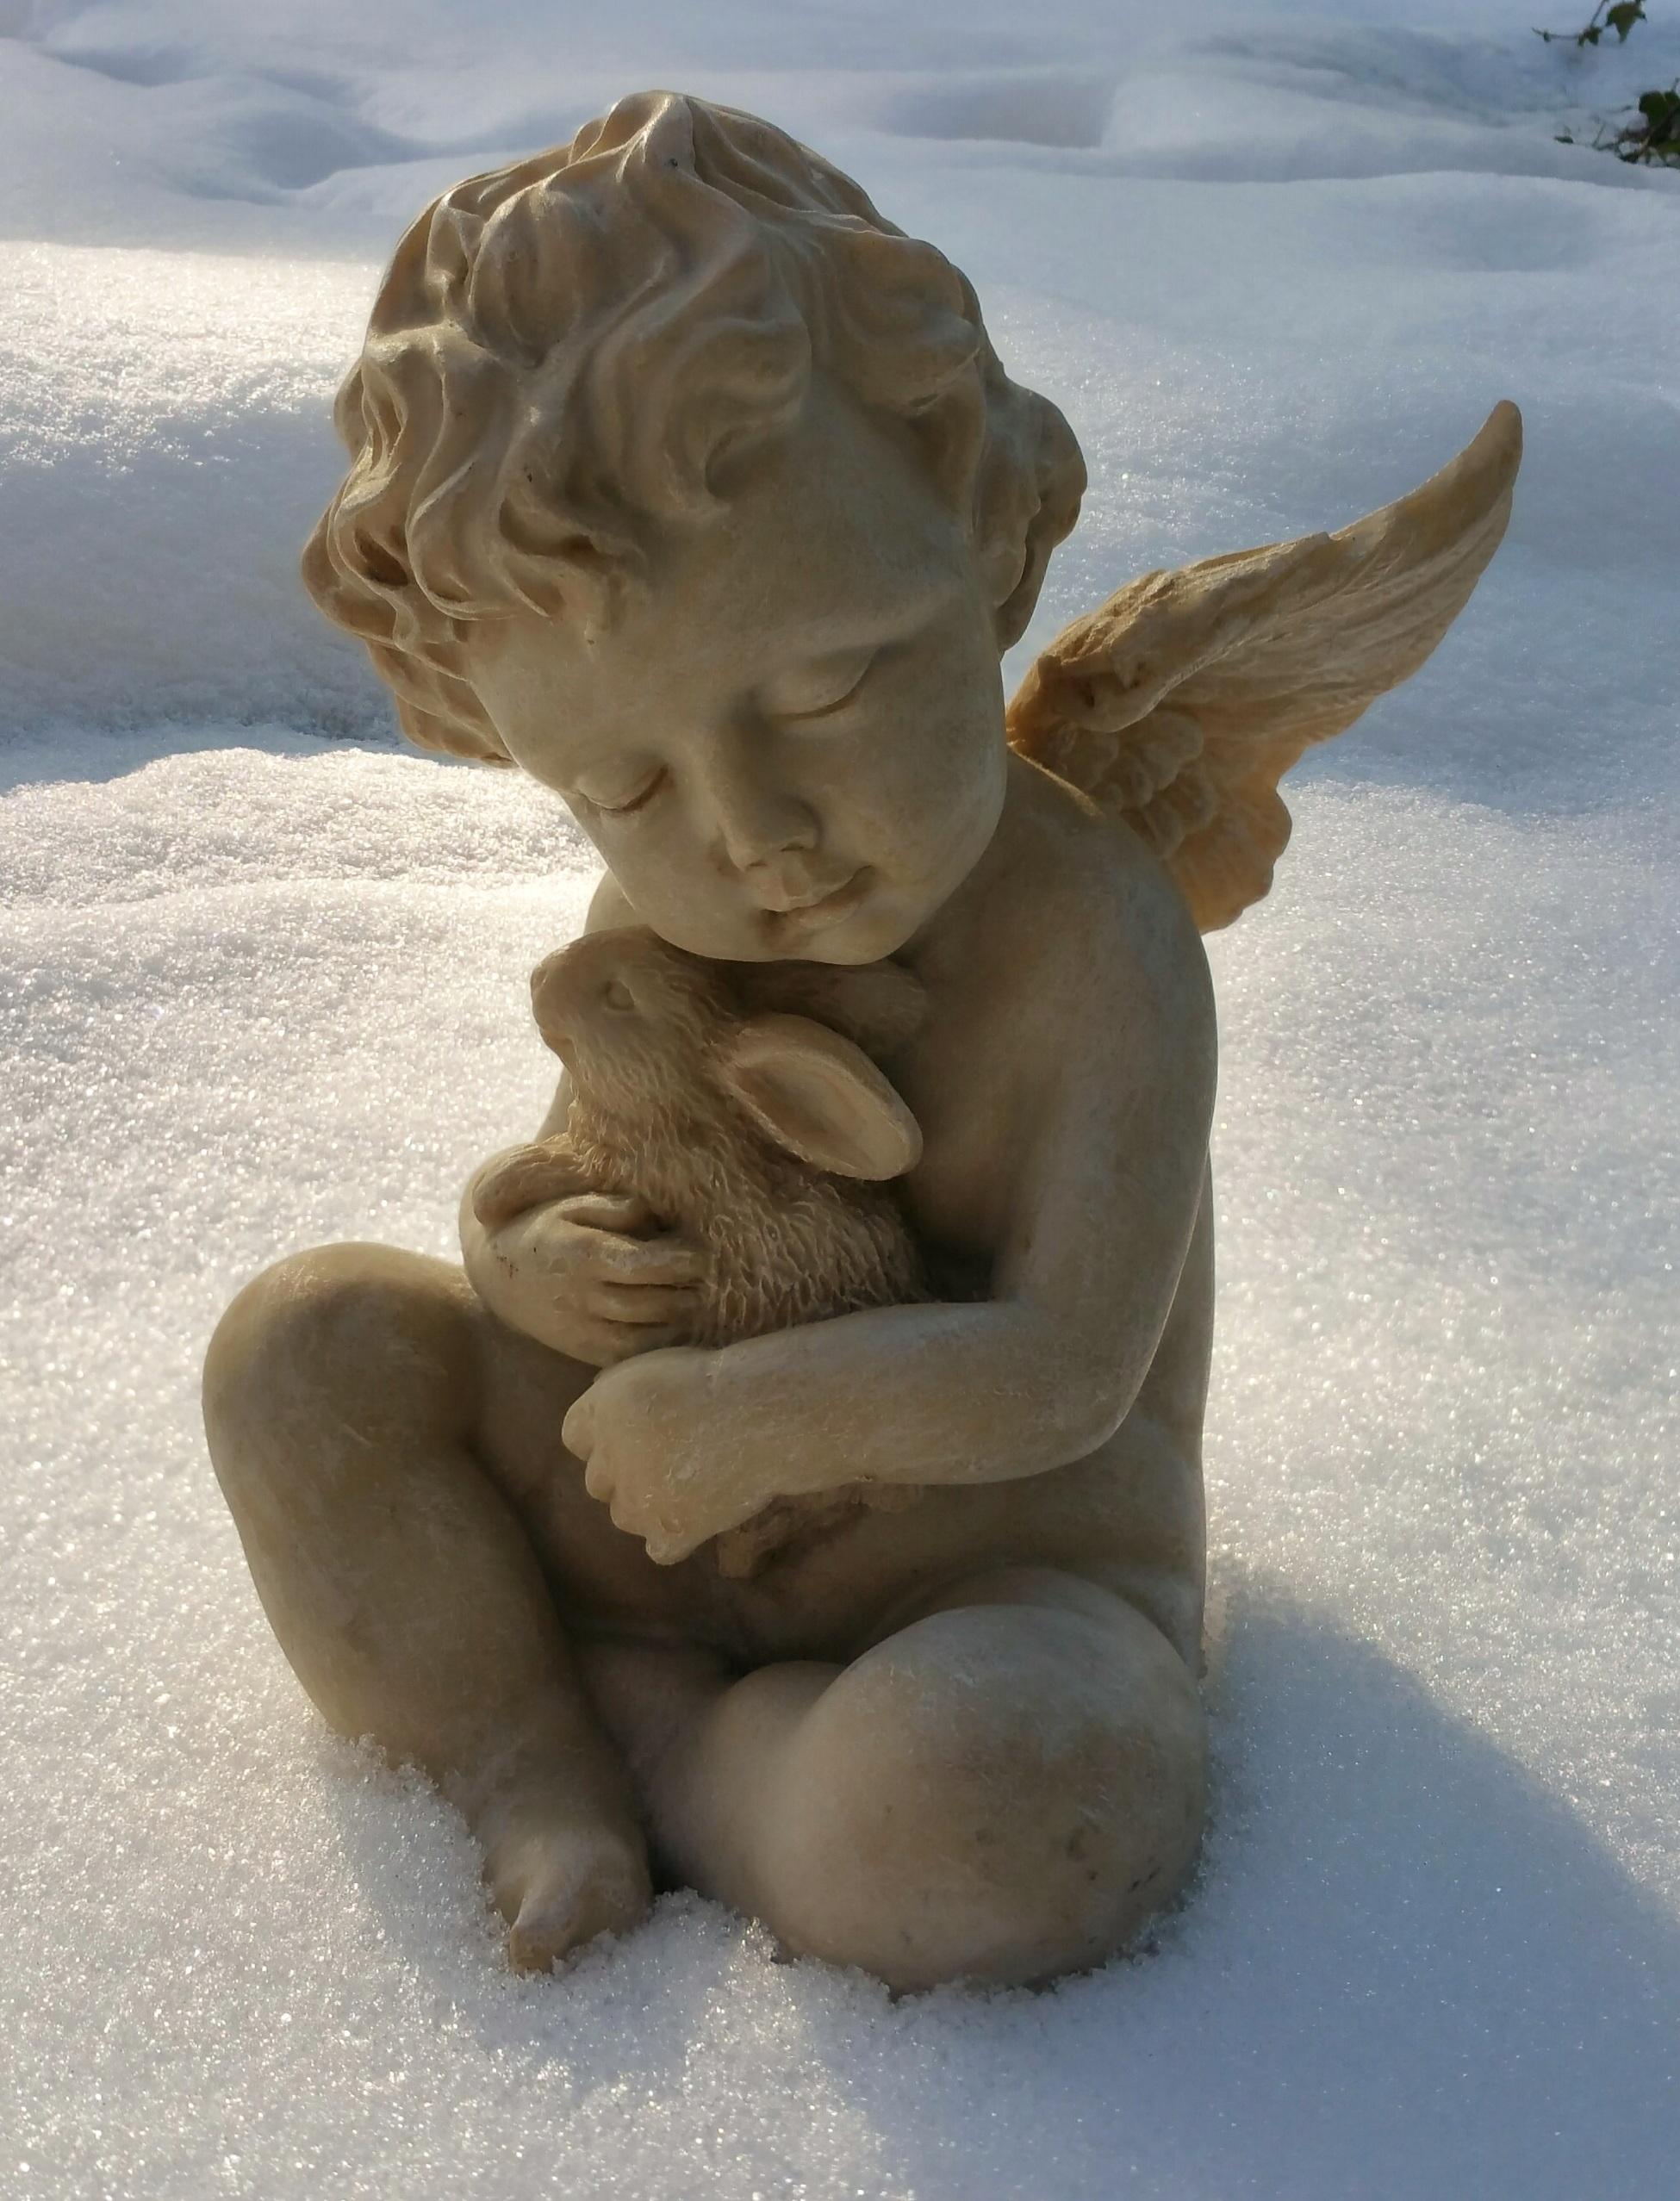 кнопку бесплатной грустный ангел фото архитектура, одновременное